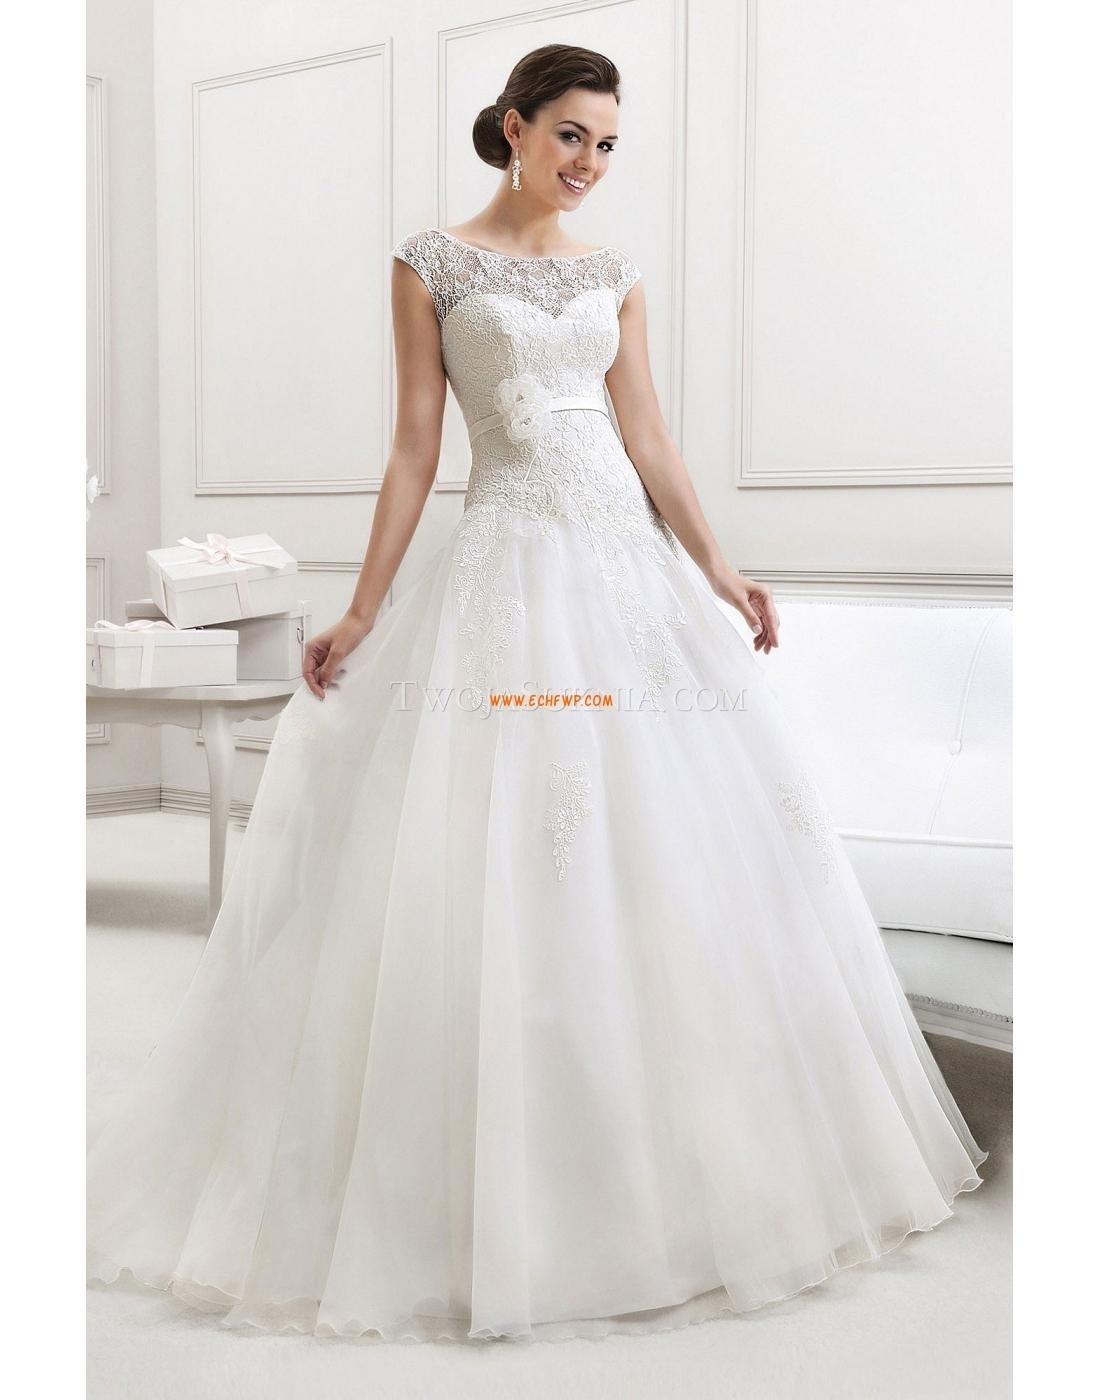 20 Elegant Hochzeitskleider Online für 201920 Luxurius Hochzeitskleider Online für 2019